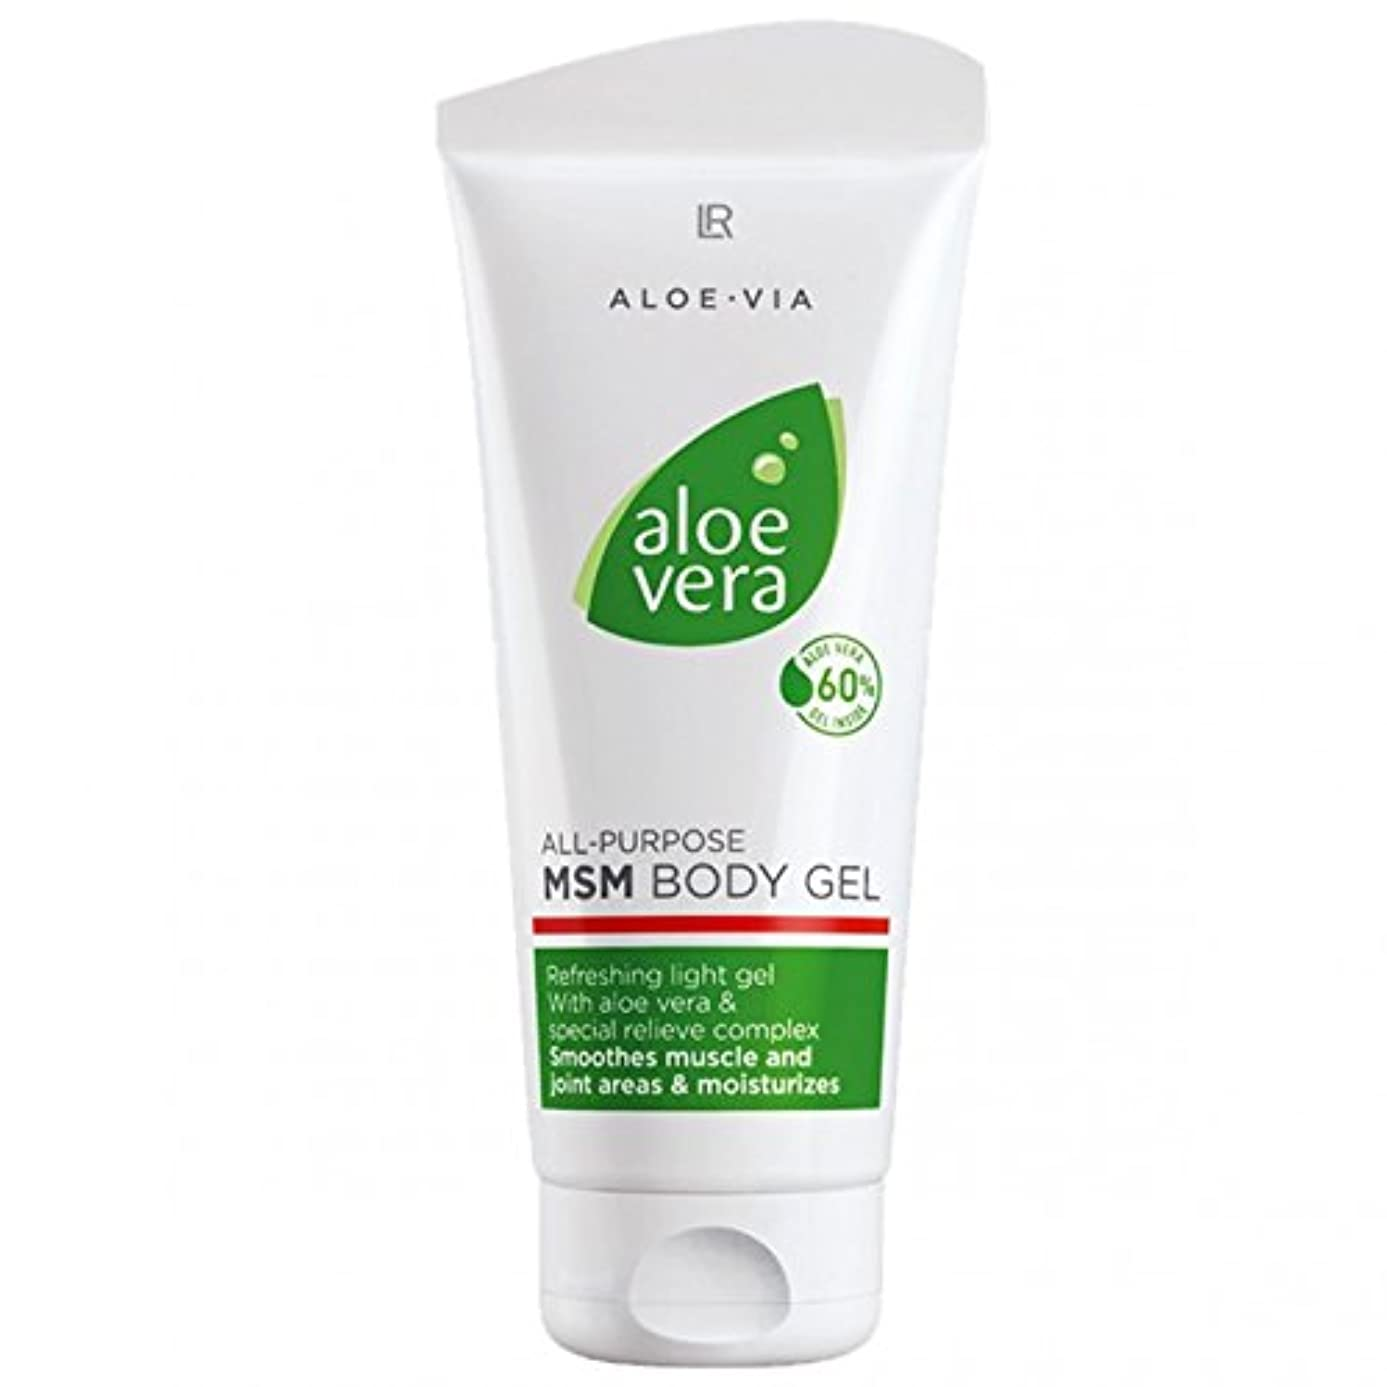 プロフィールチェリー頬L R アロエベラMSMボディジェル美容や化粧品、滑らかな、迅速な吸収ゲル%60アロエベラ200ミリリットル